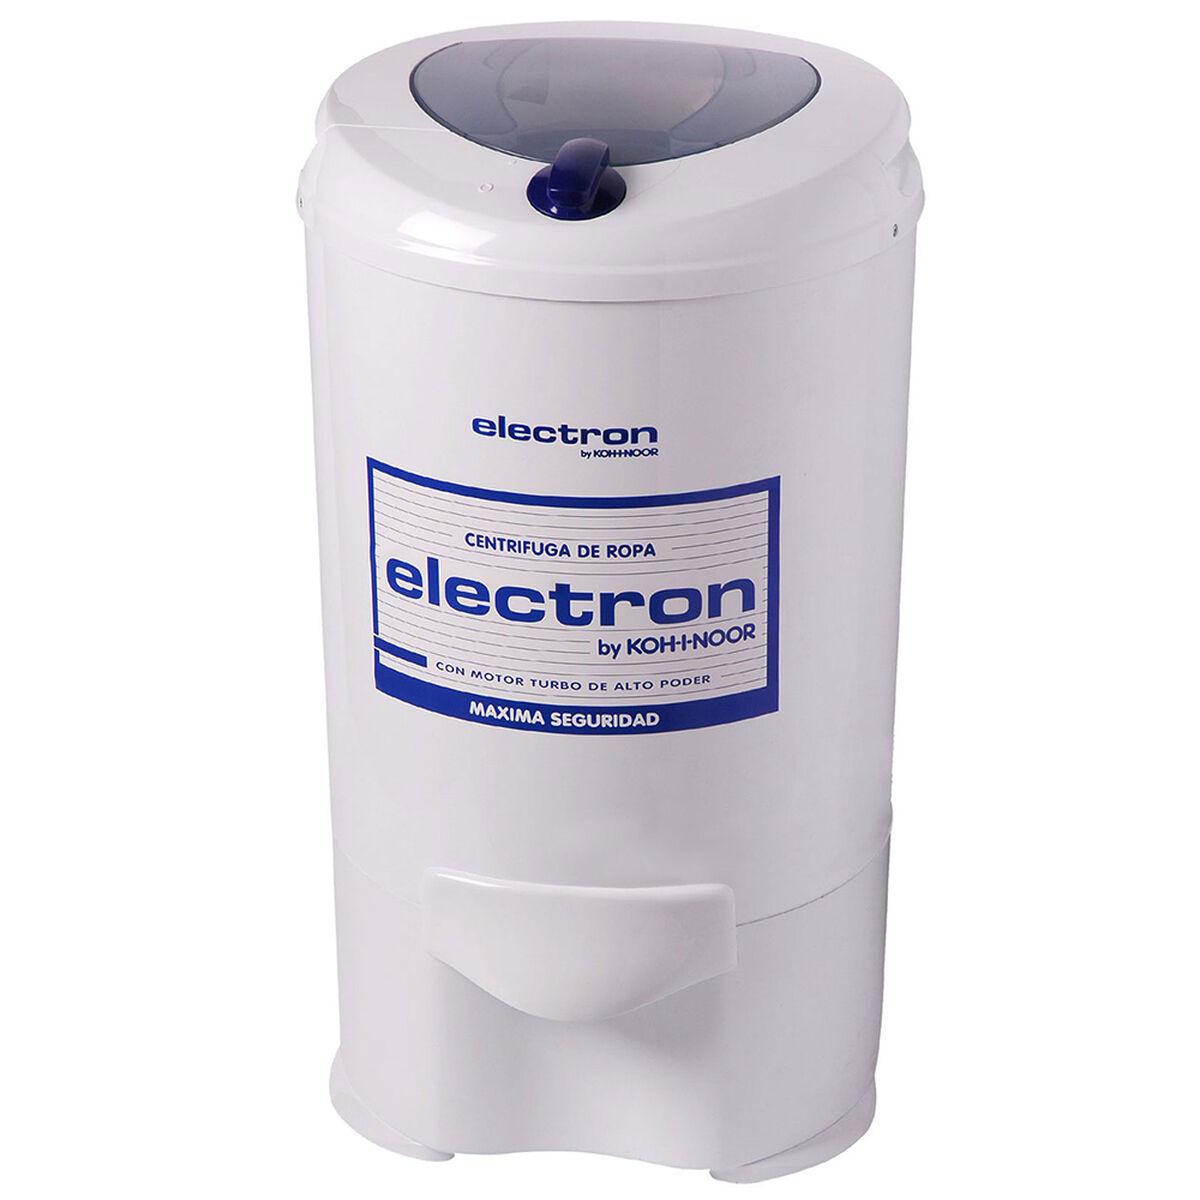 Centrífuga Electron C-752 5,2 lt.